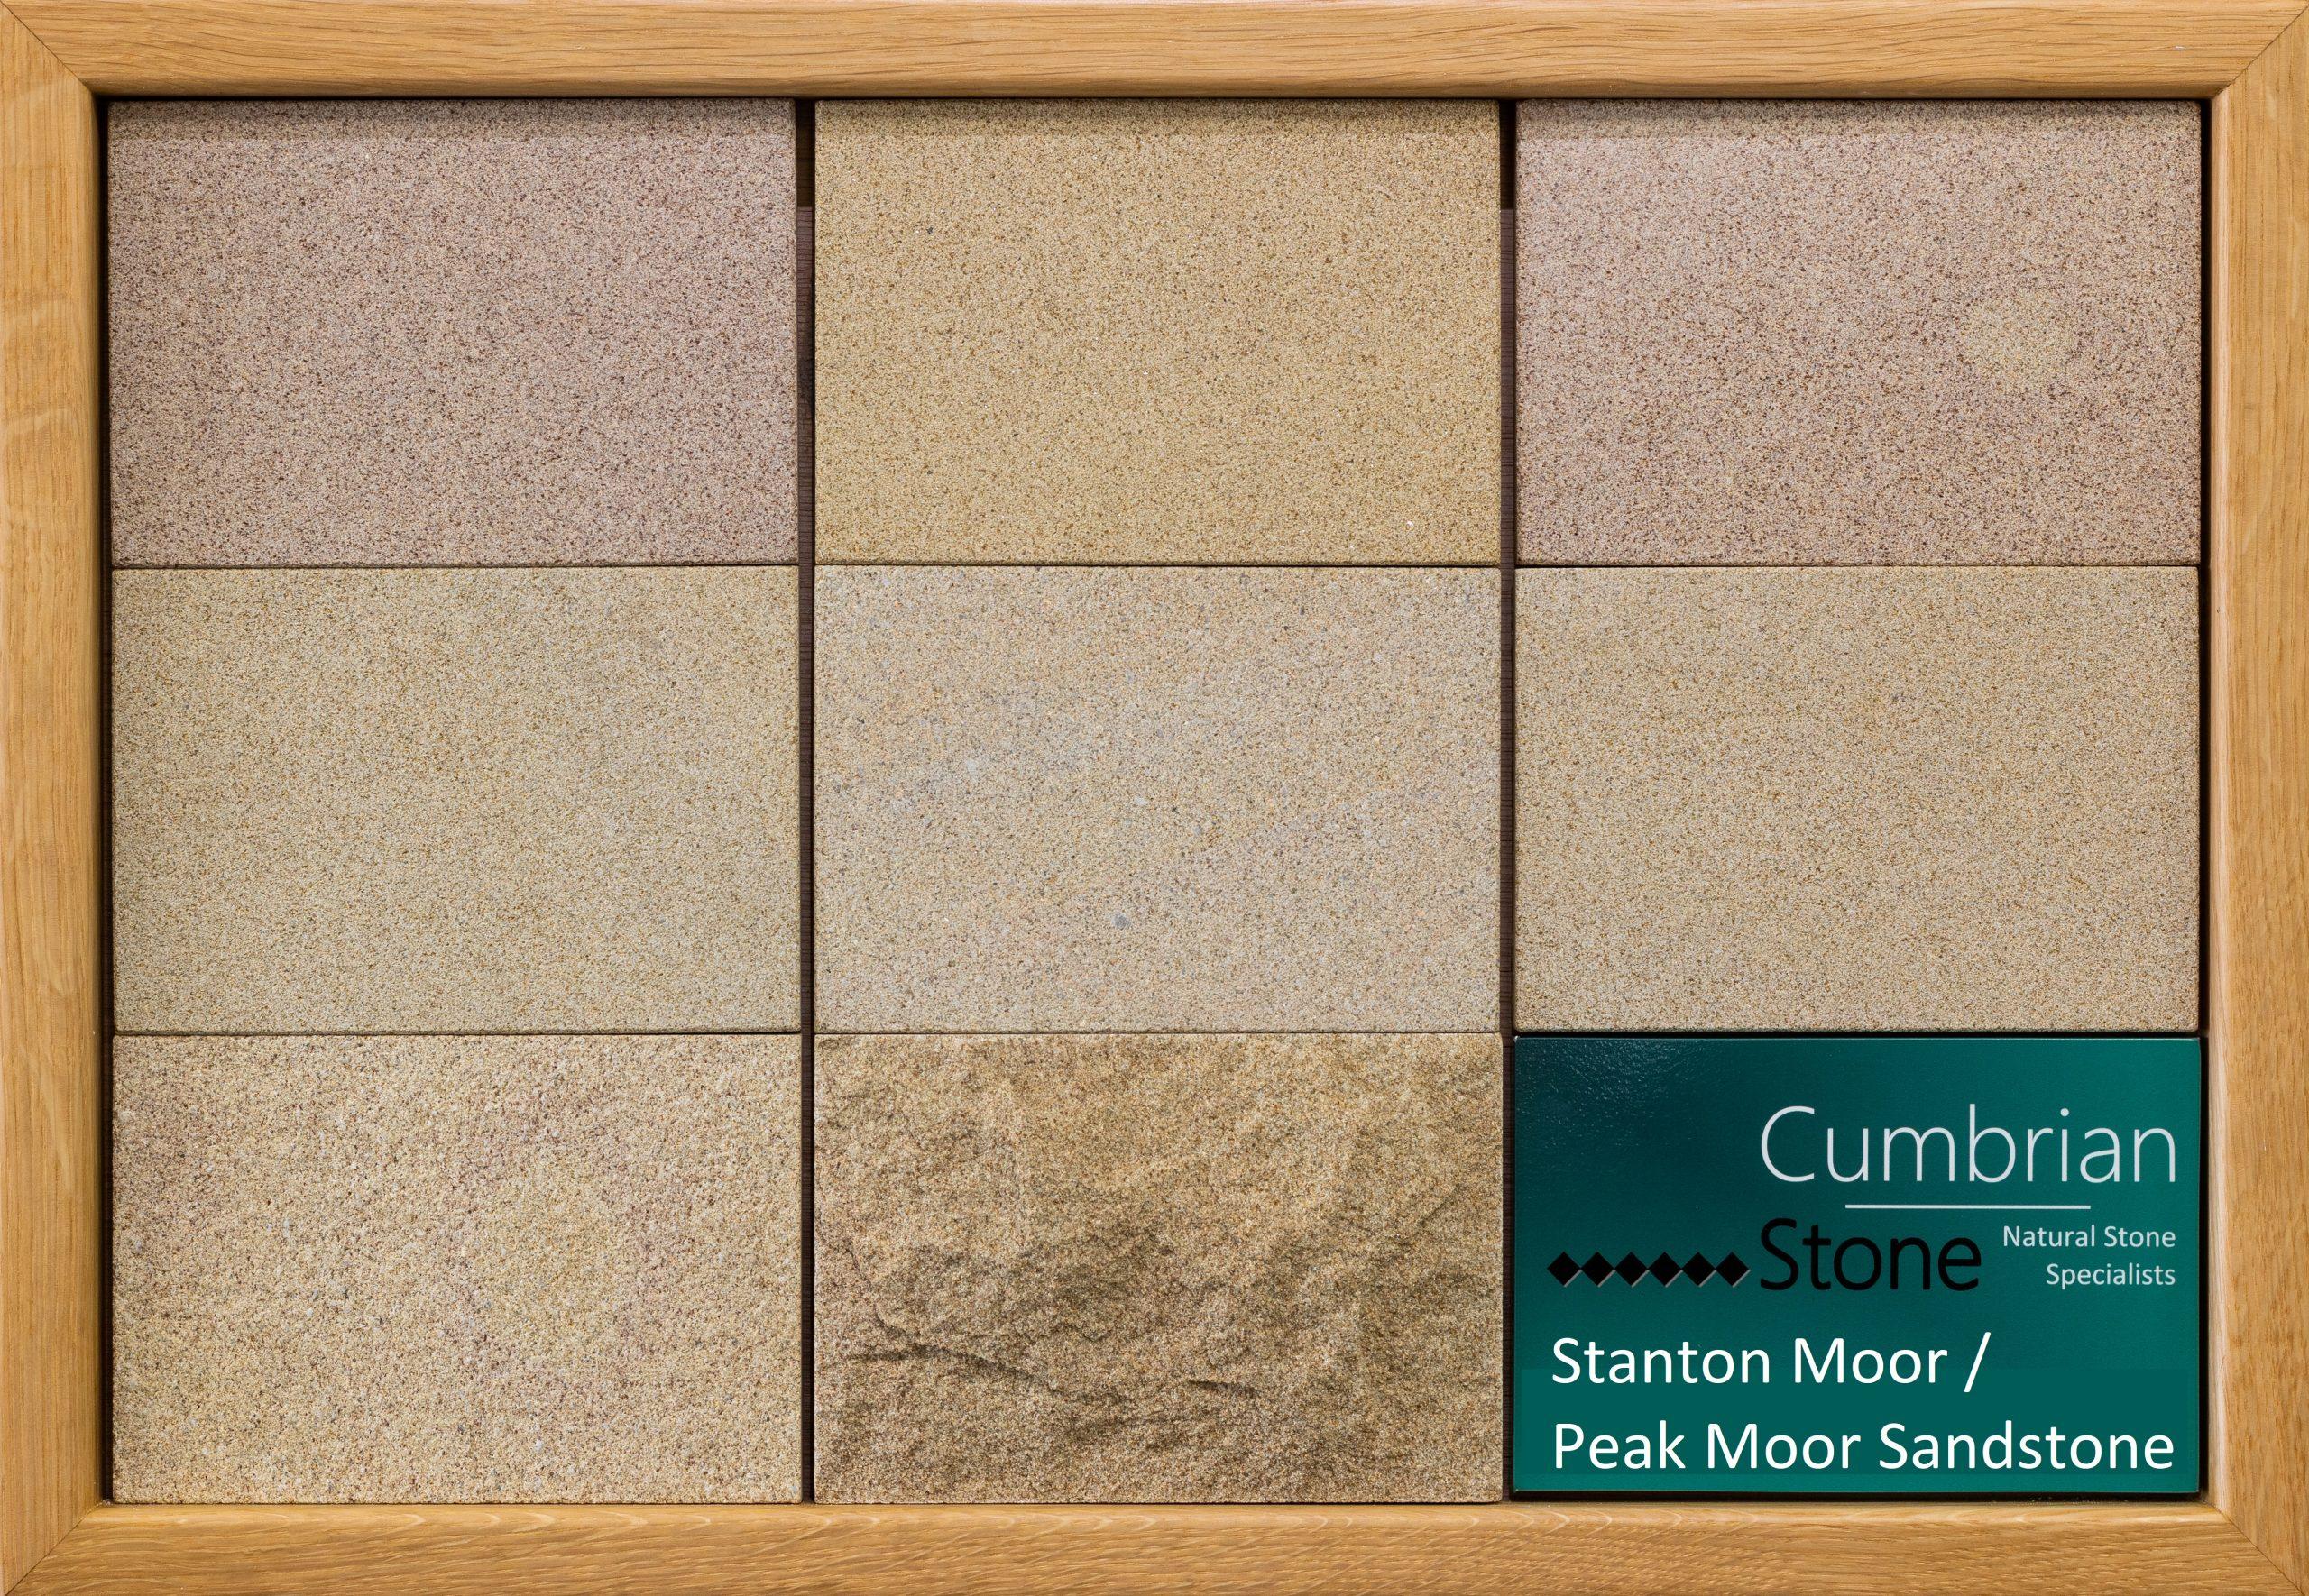 Stanton Moor and Peak Moor Sandstone Variations